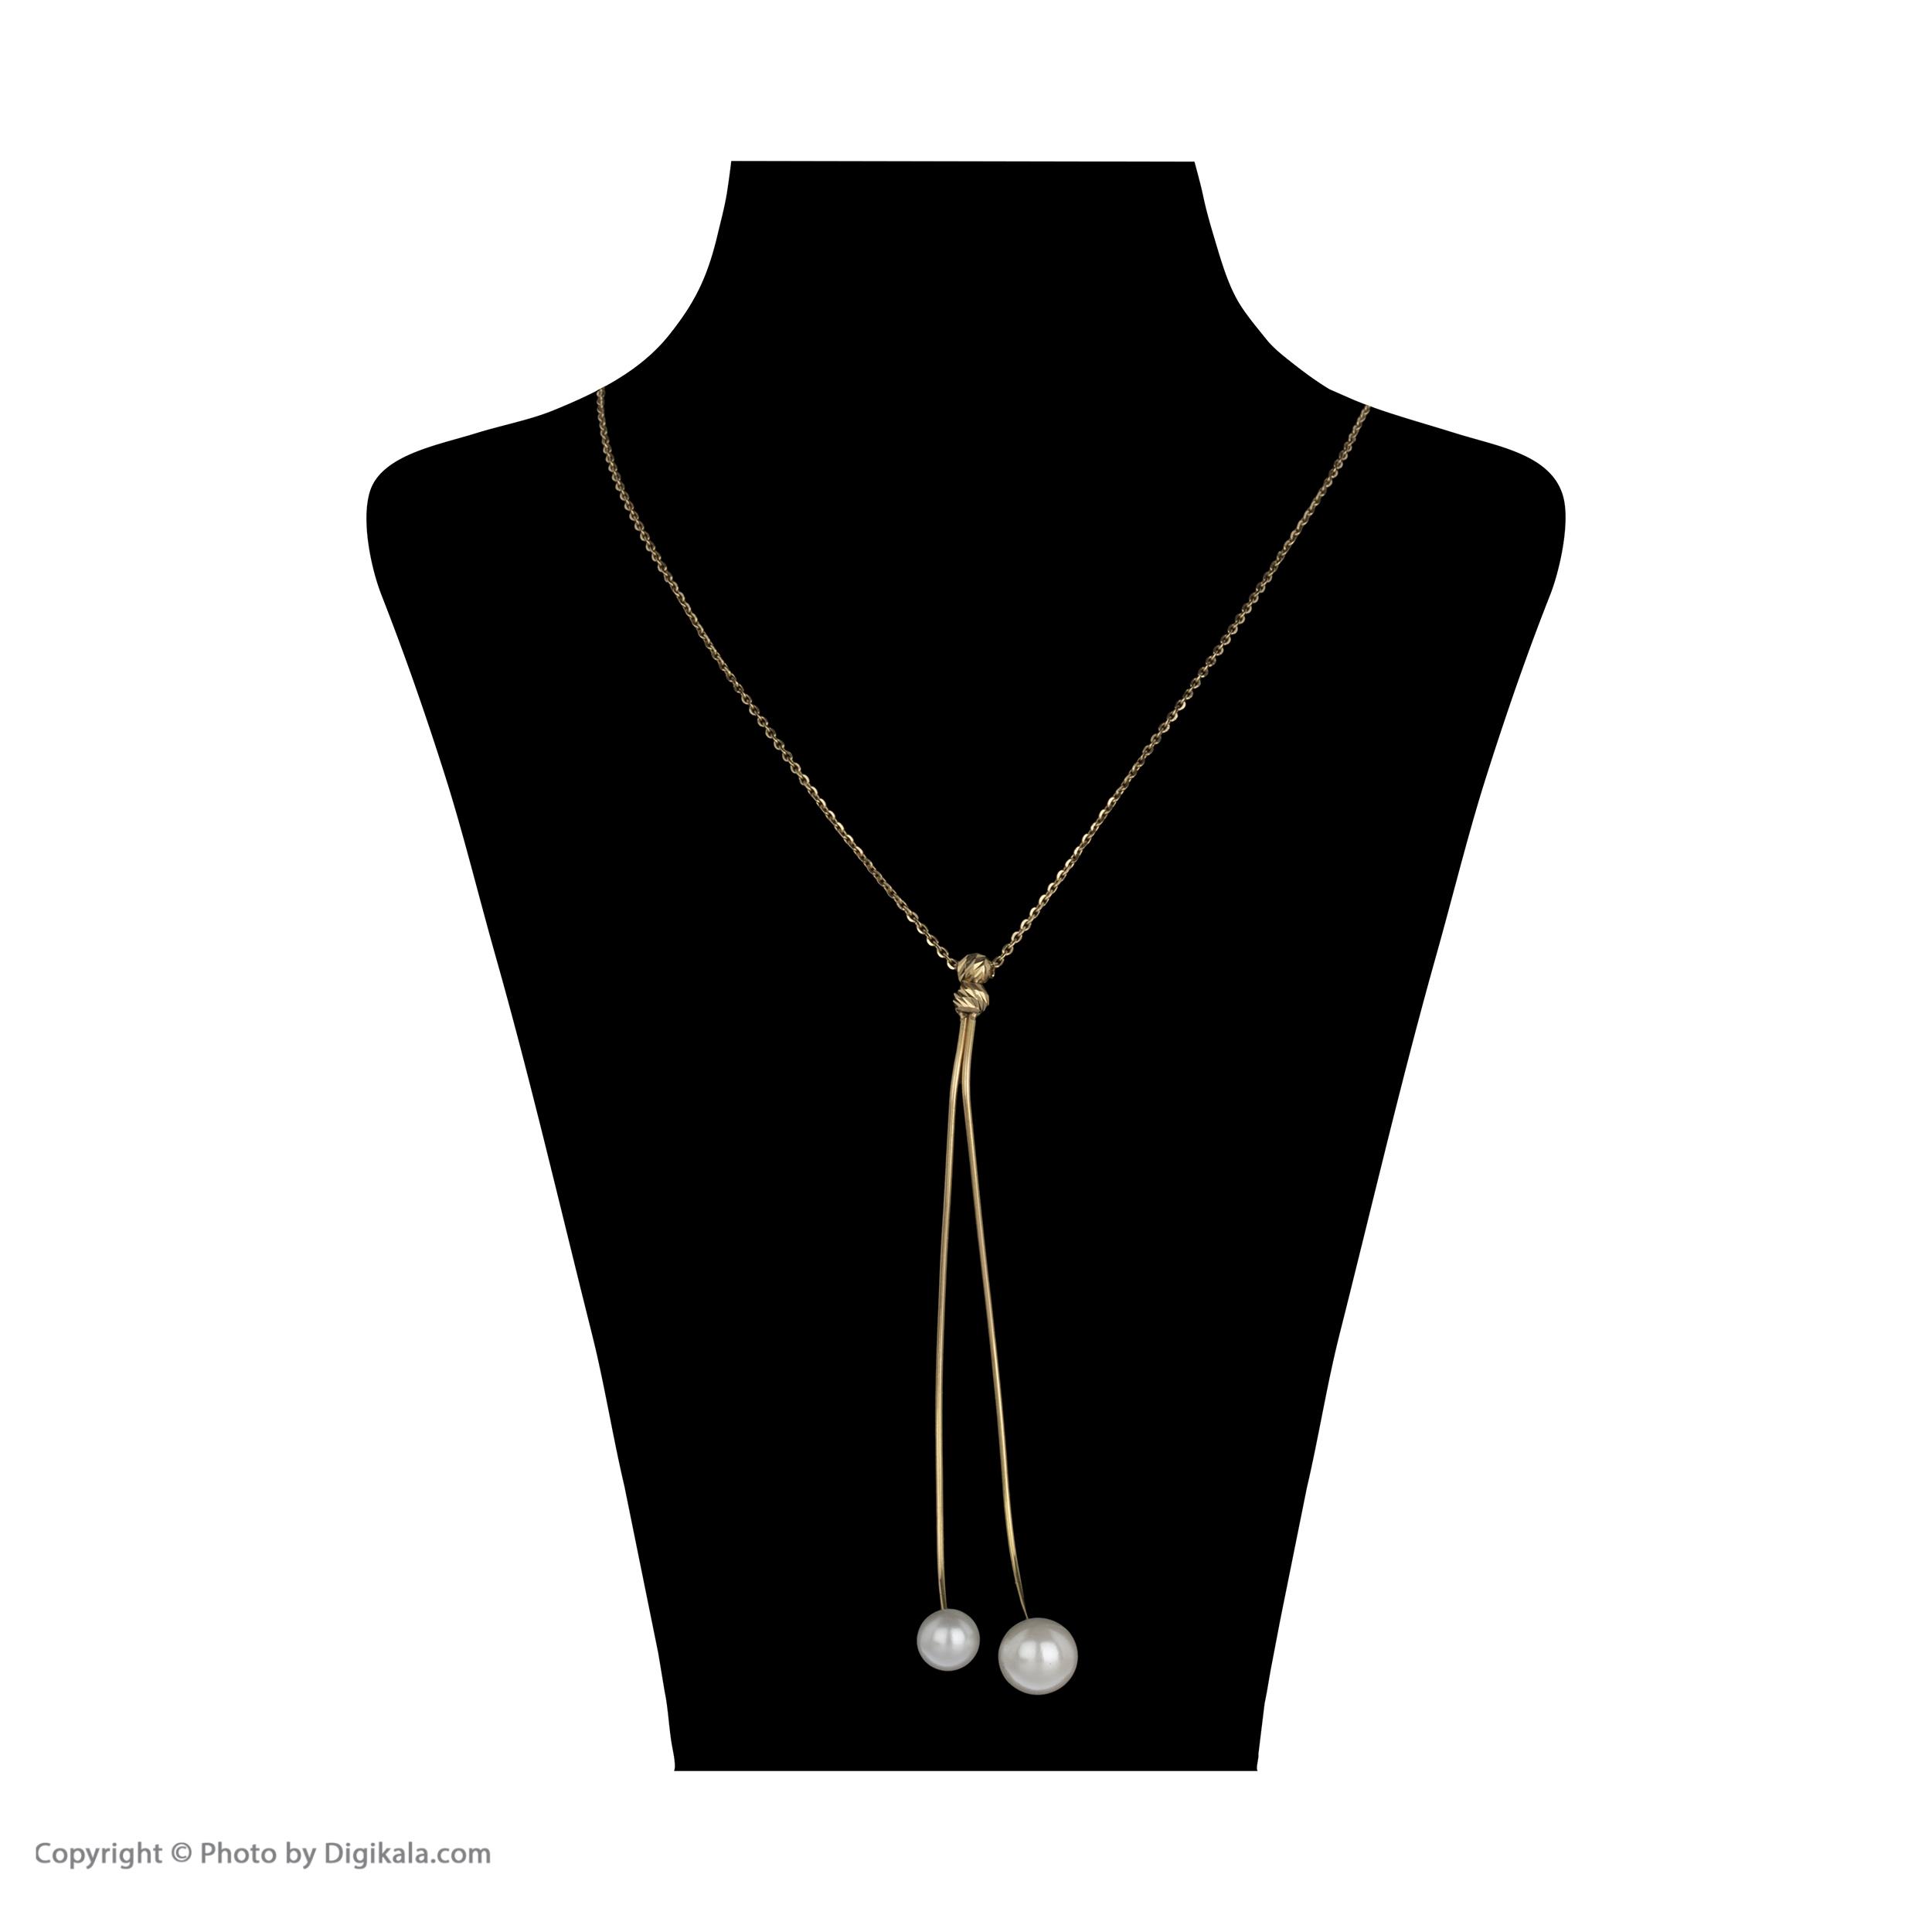 گردنبند طلا 18 عیار زنانه سیودو مدل 145582 -  - 3